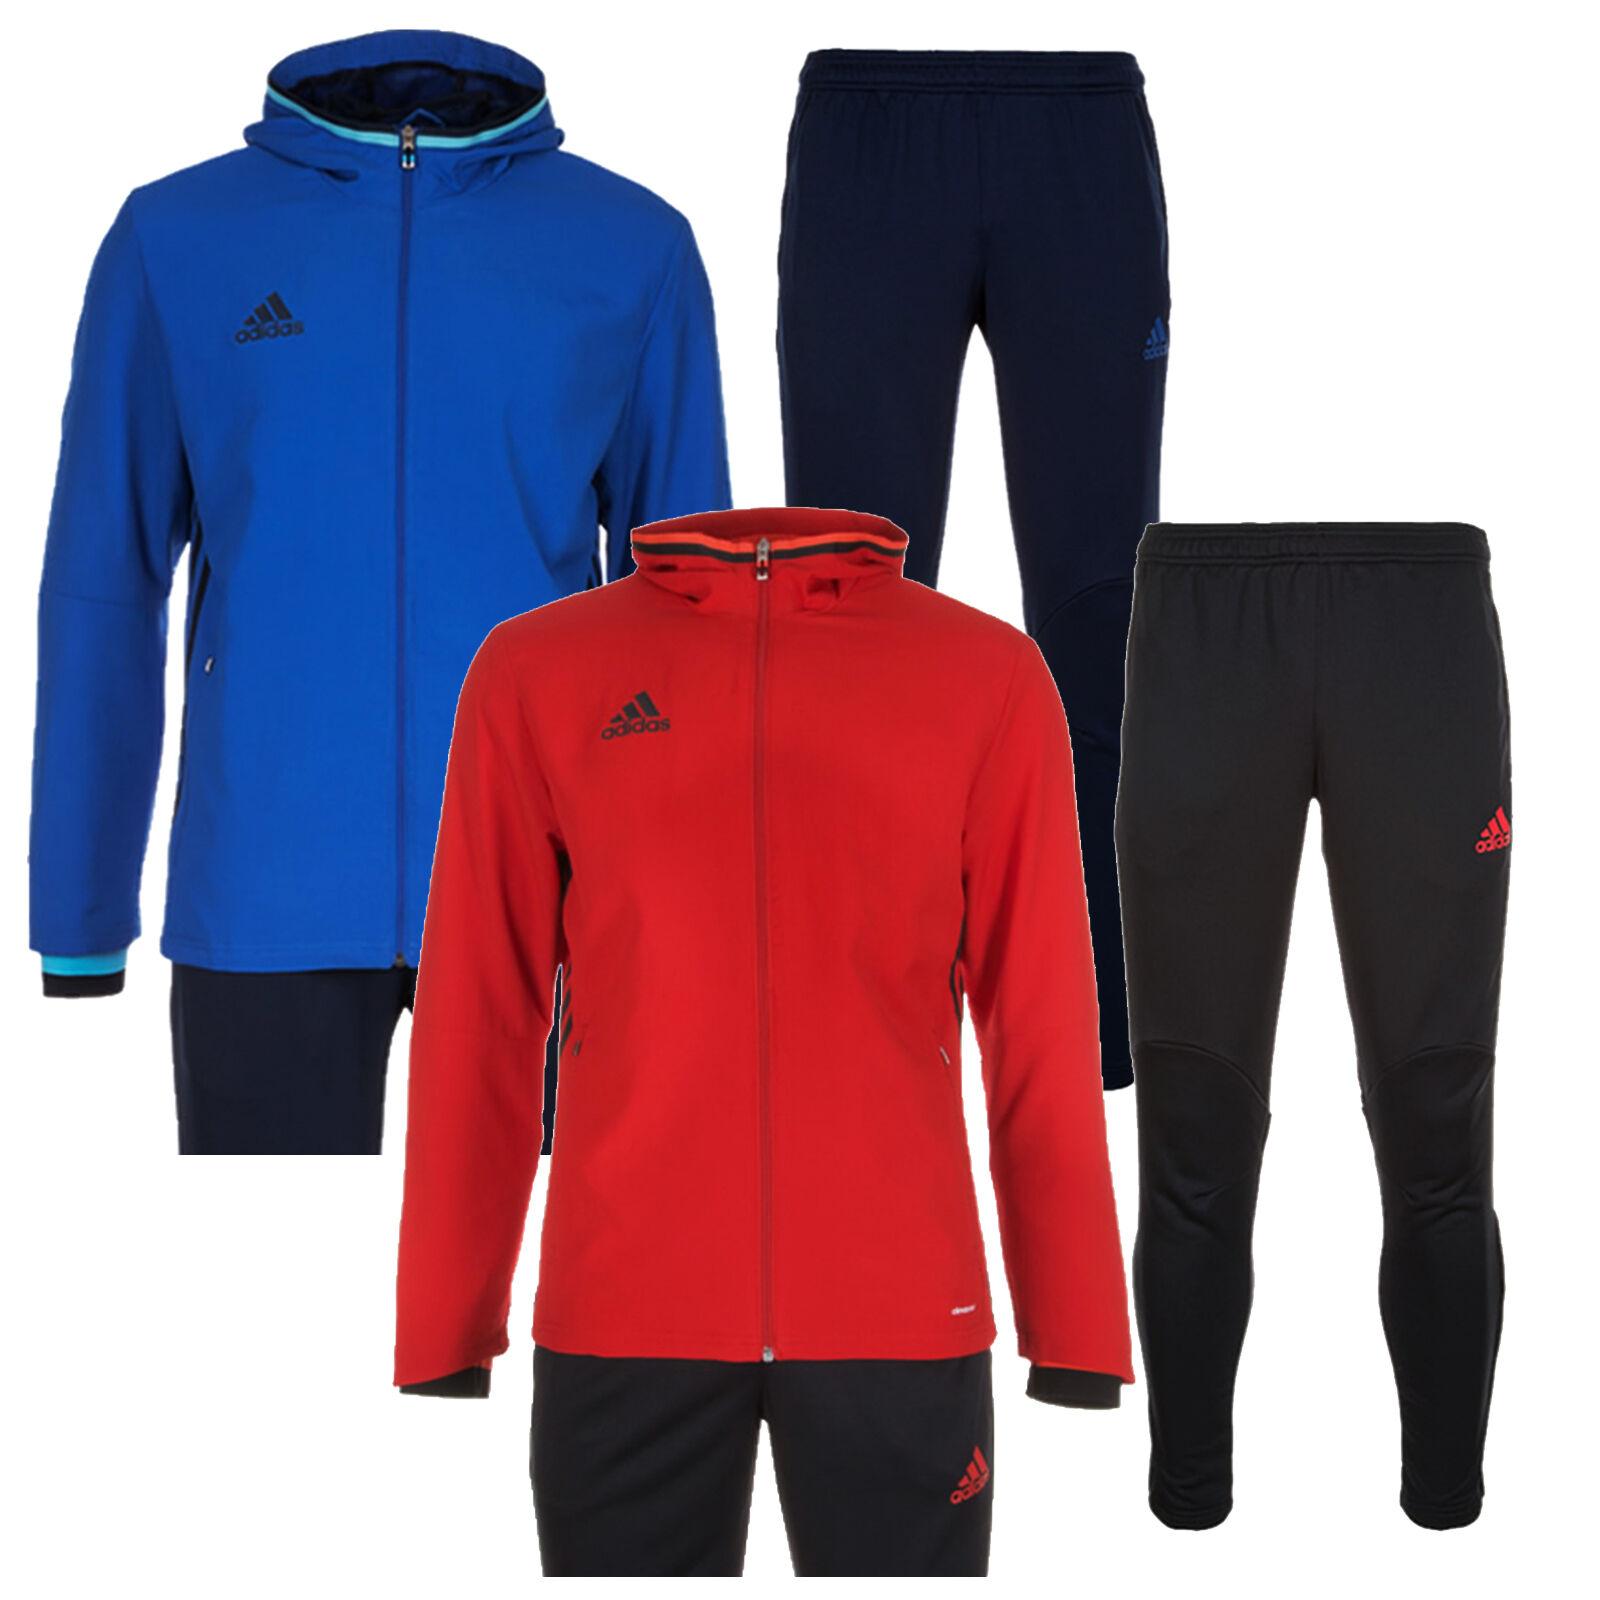 Details zu Adidas Condivo 16 Trainingsanzug Vorlage Anzug Kinder 3 Streifen Neu